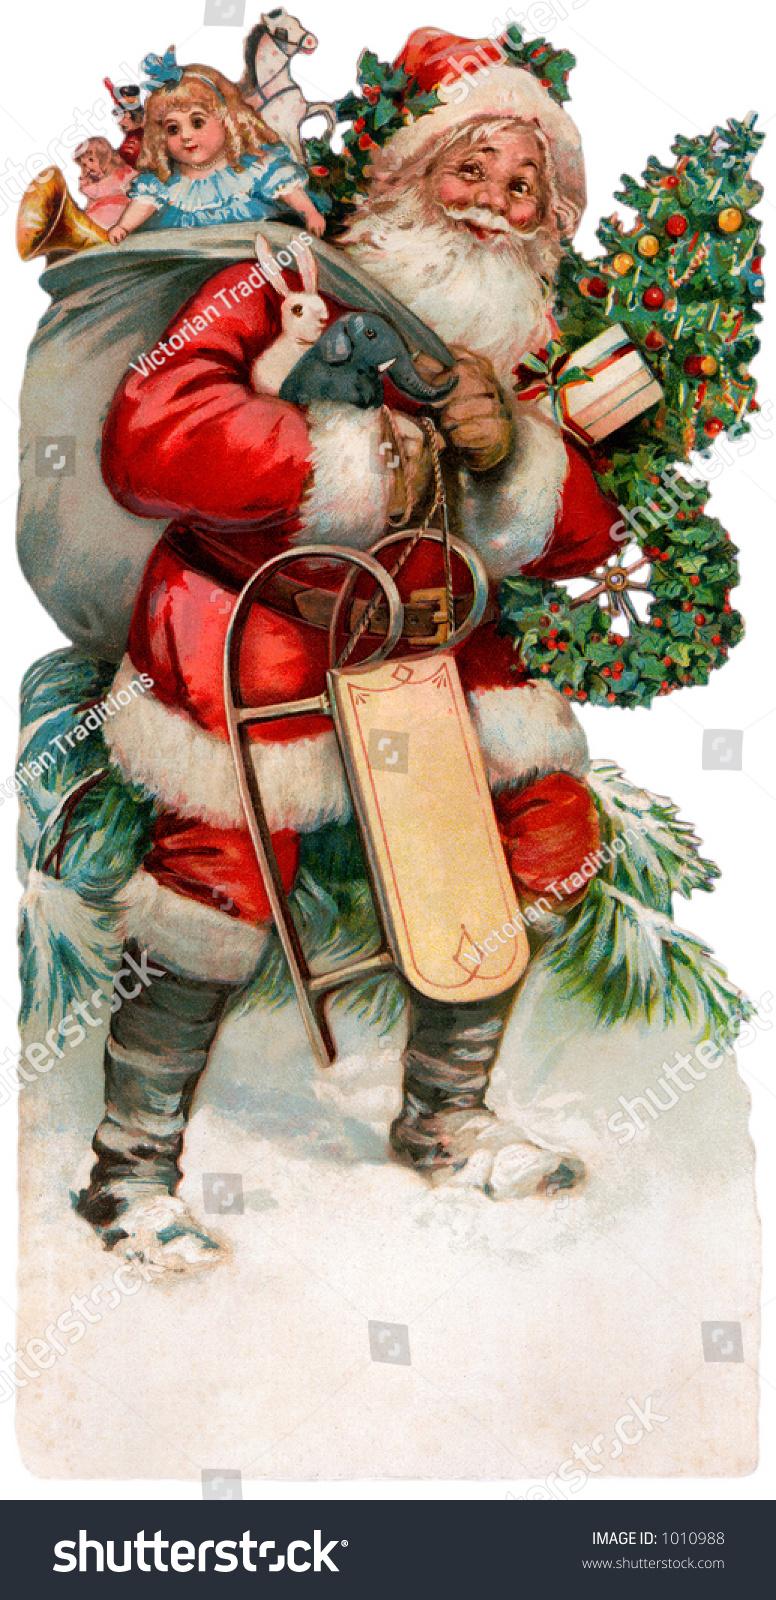 Description Vintage Christmas Illustration Santa Claus